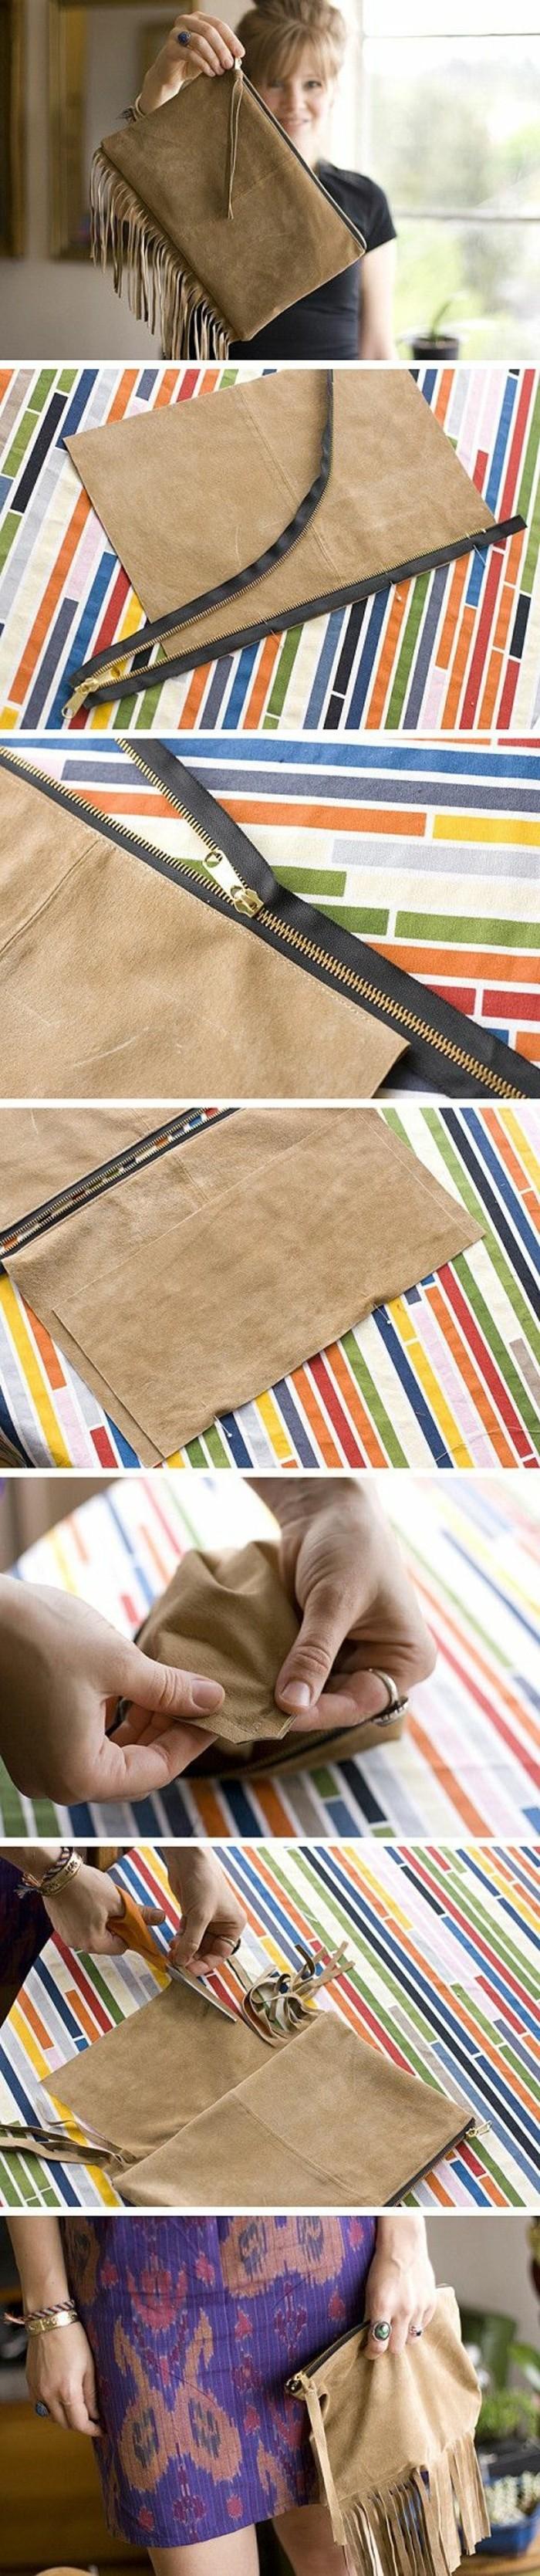 tuto-pochette-a-frange-a-fabriquer-soi-meme-modele-de-pochette-en-cuir-étapes-de-la-fabrication-fermeture-zip-accessoire-femme-stylé